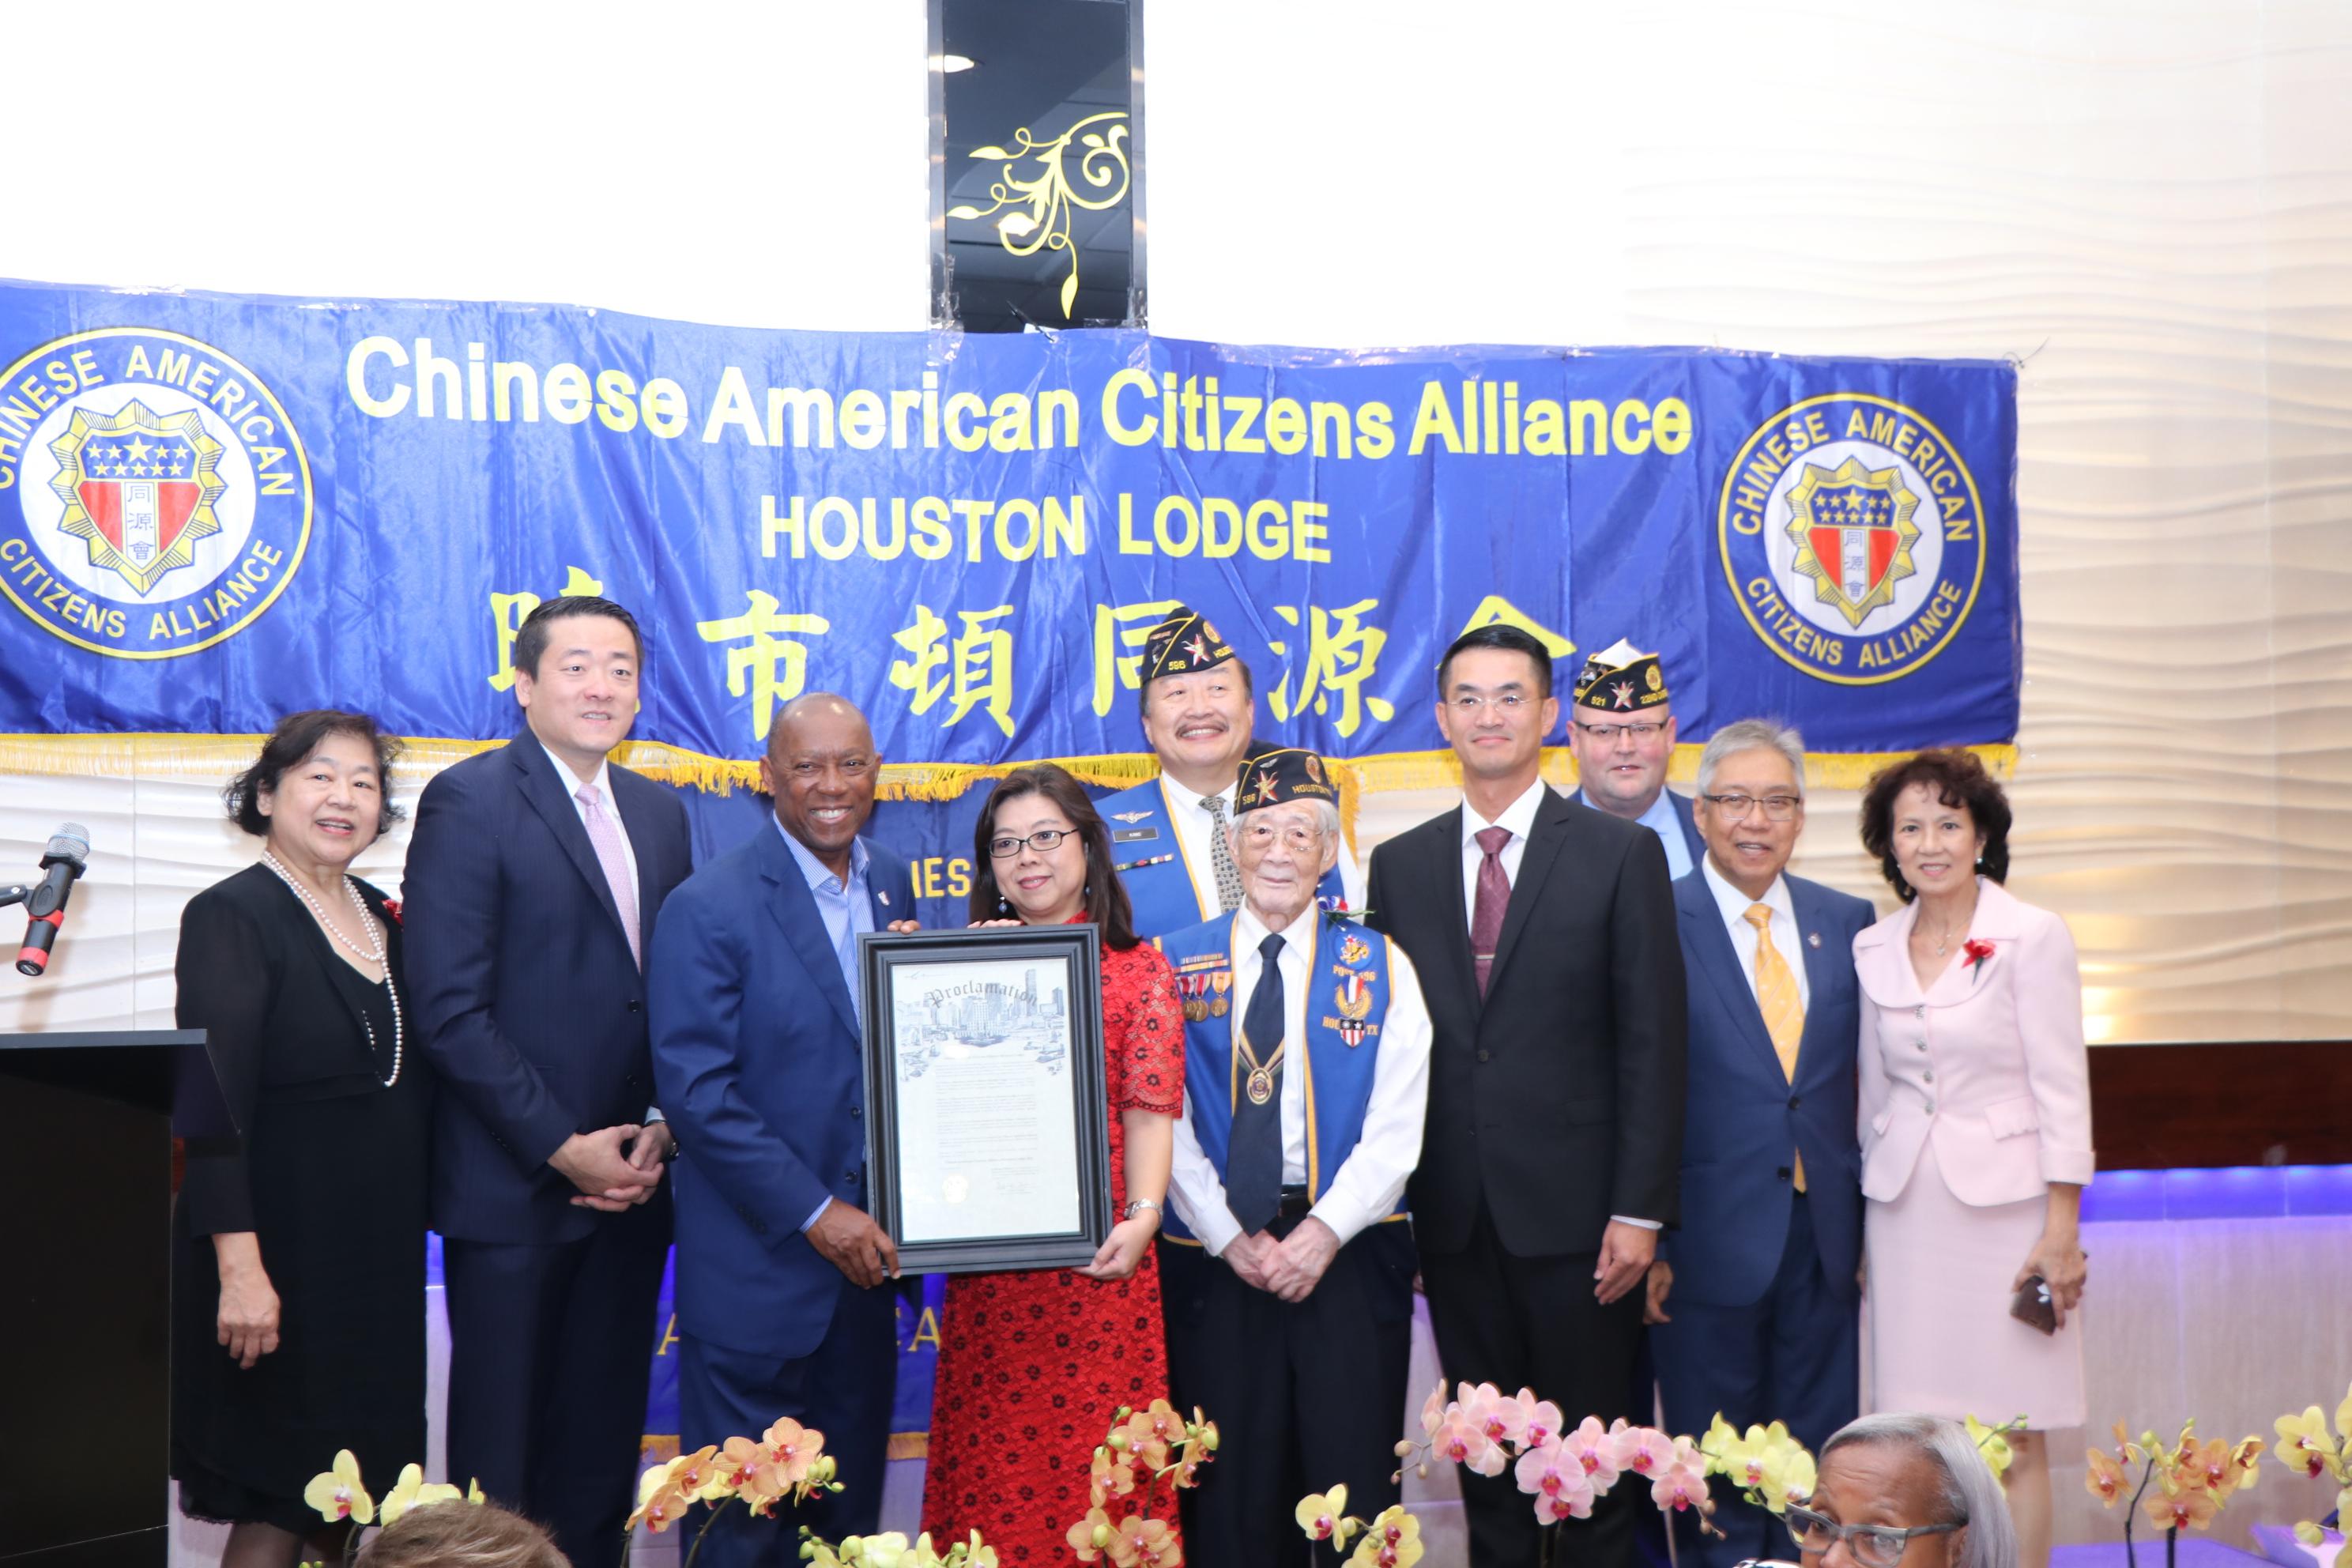 休士頓市長Sylvester Turner(左三)頒狀表揚同源會,由會長李成純如(左四)代表接受,右三為台北經文處處長陳家彥。